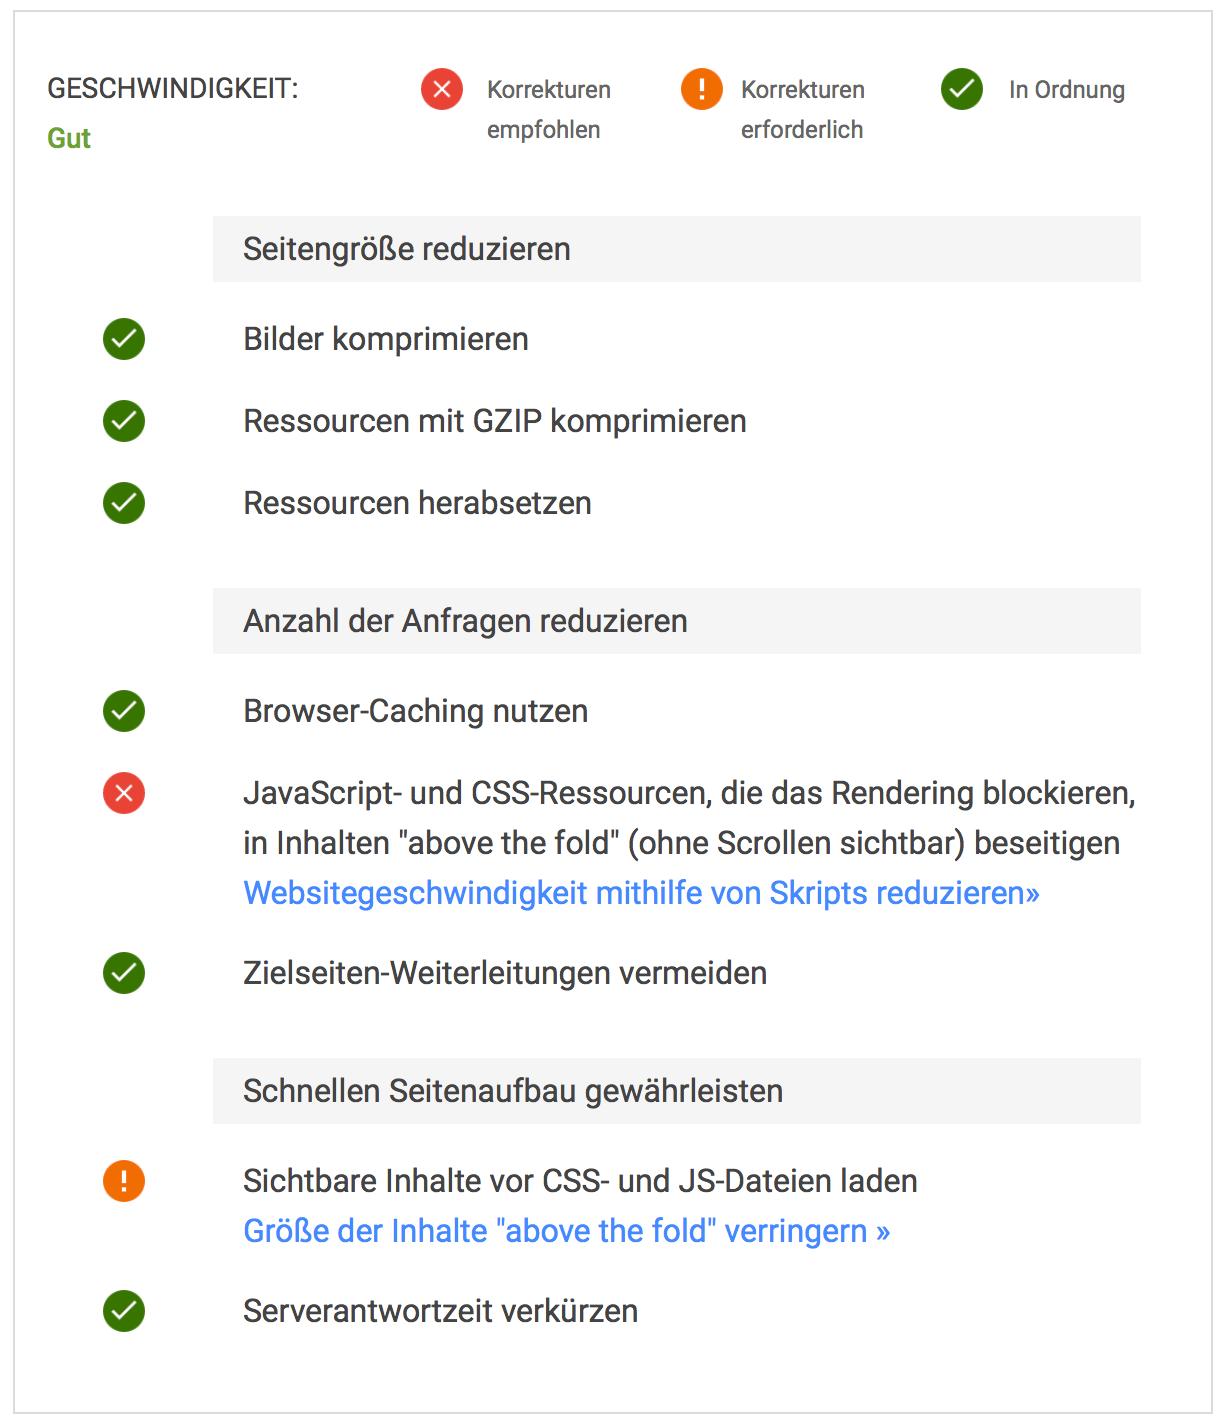 Mobil PageSpeed bestimmen: Googles Empfehlungen, wie ich den Mobile PageSpeed um drei Sekunden reduzieren könnte.